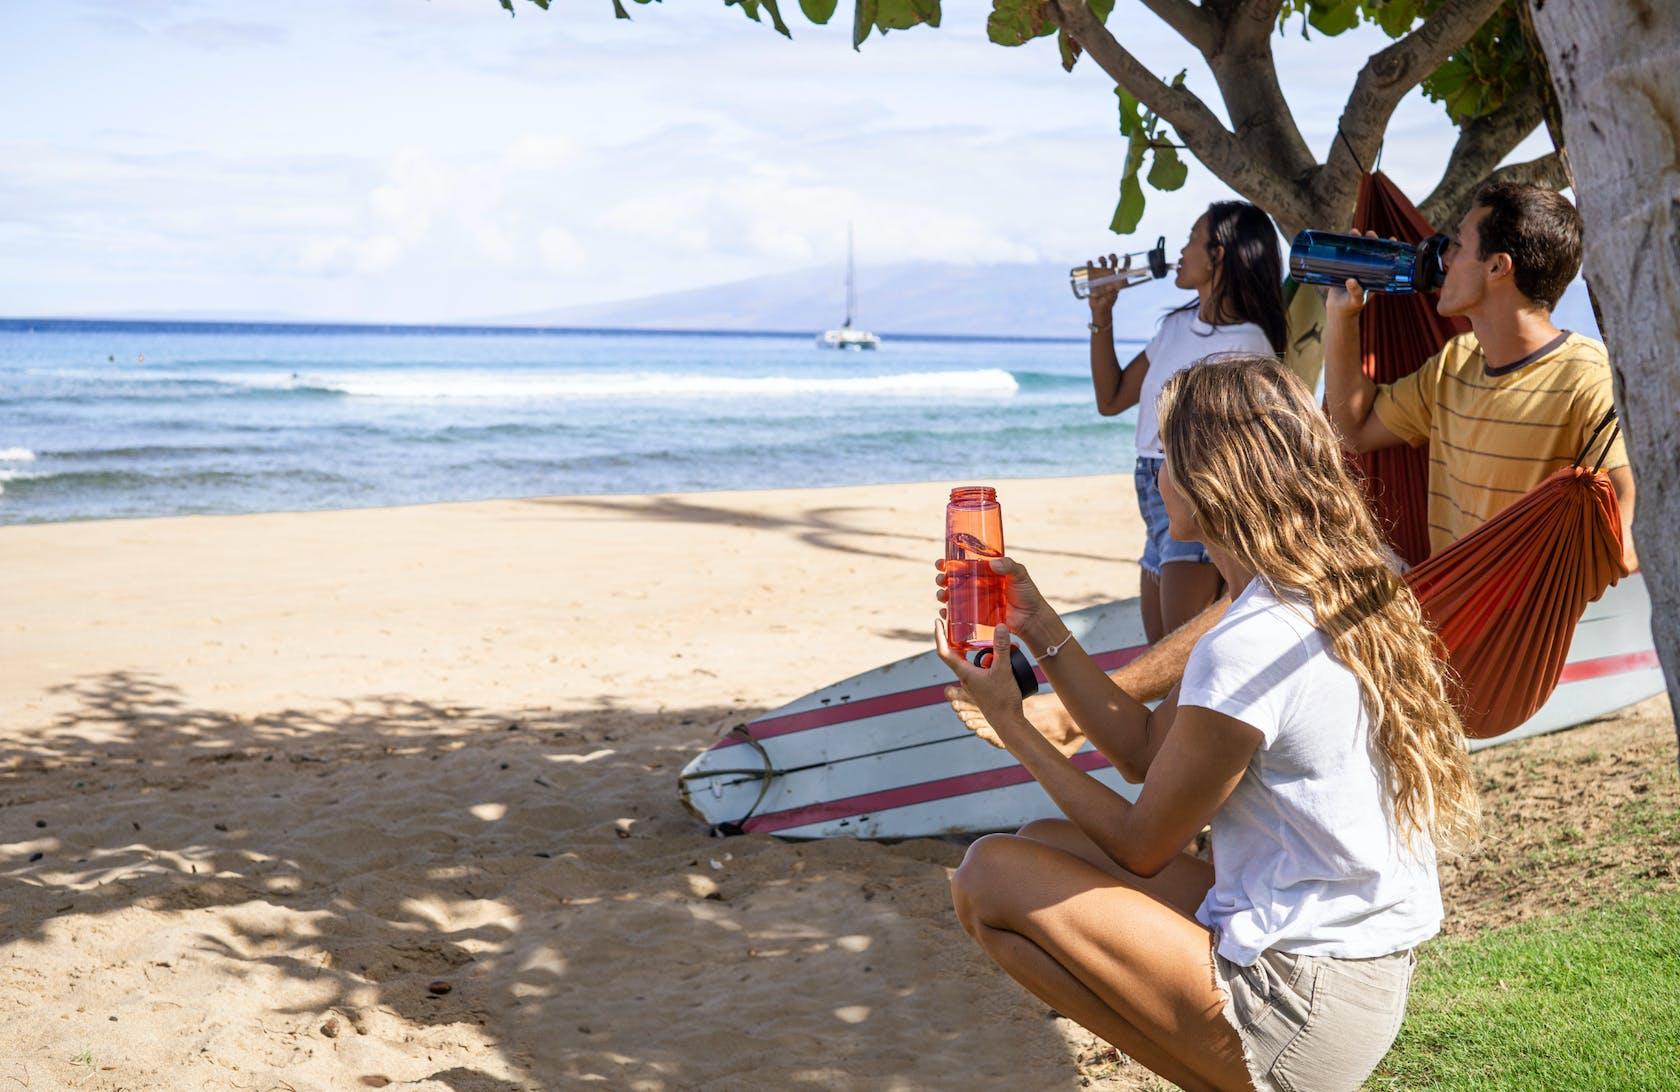 Camelbak Onlineshop Flaschen und Trinksysteme Freizeit und Reisen